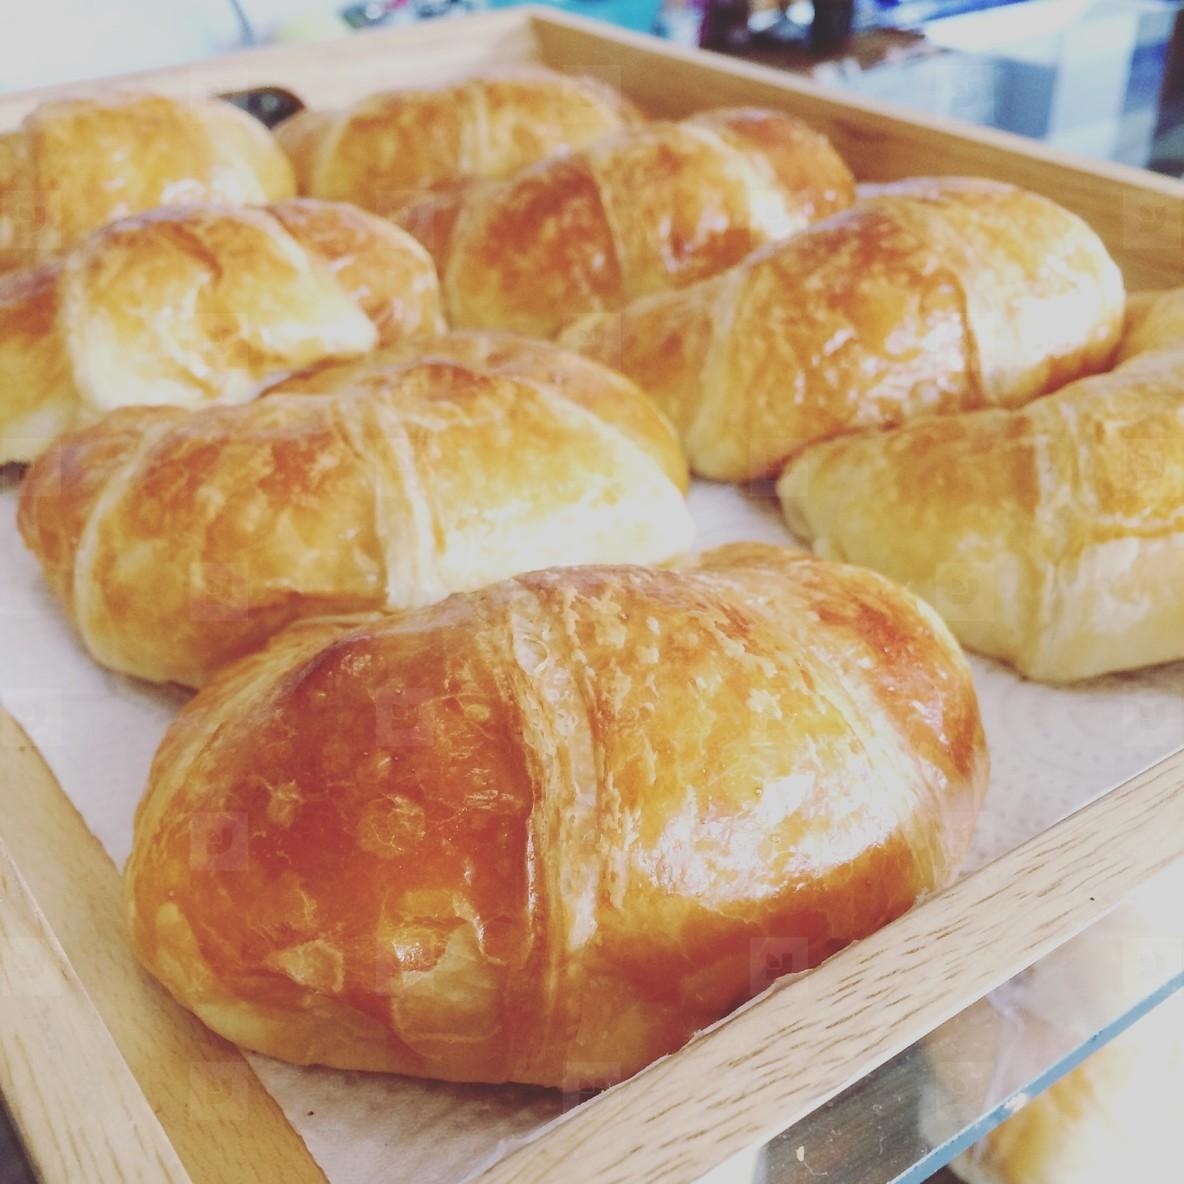 Freshly baked butter croissant